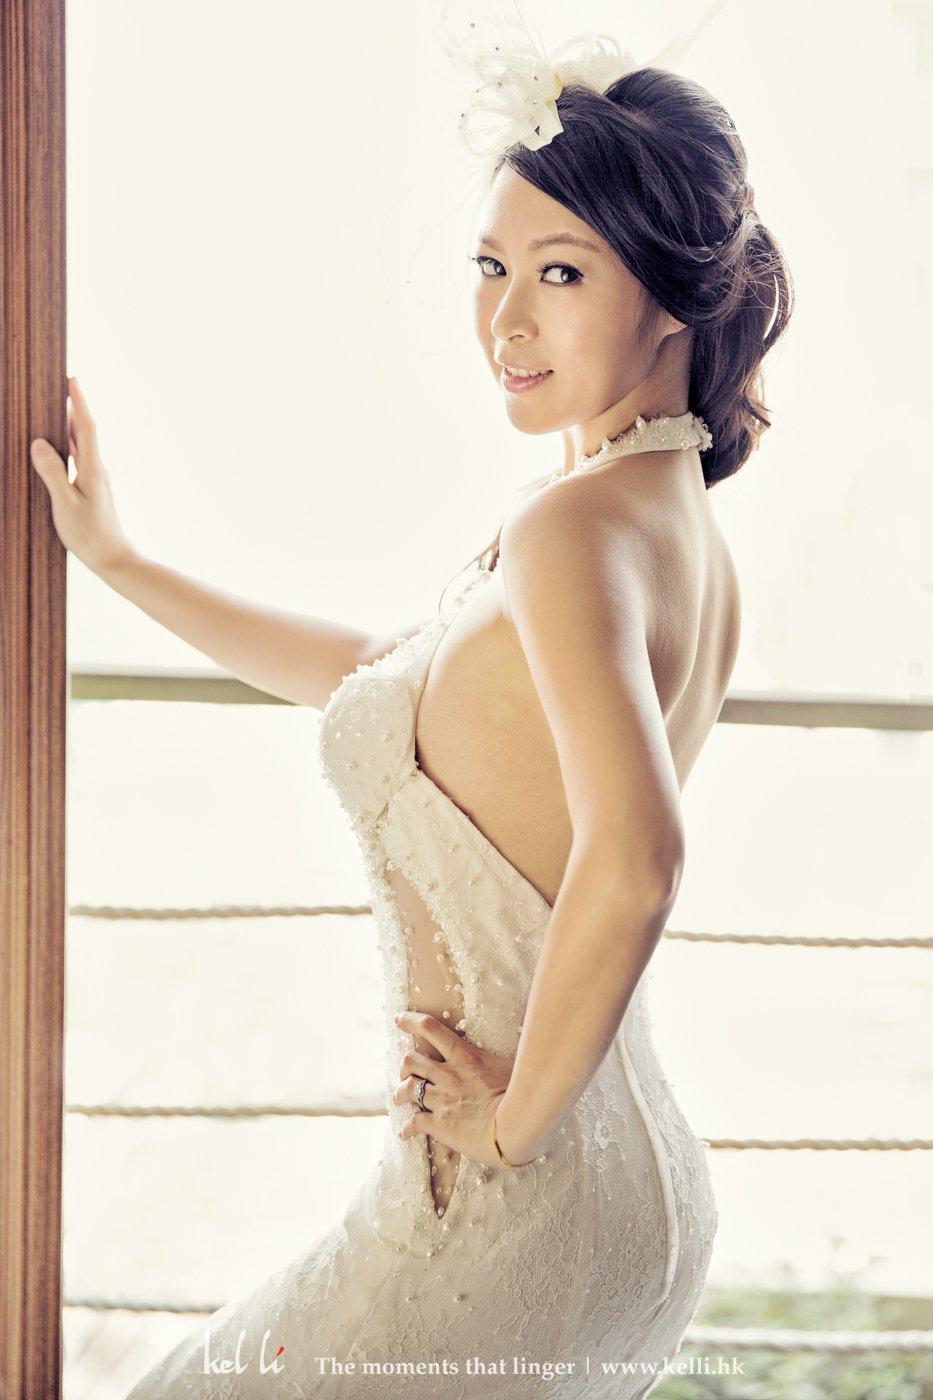 這是新娘喜歡的其中一張相片,光線刻畫了新人的美好身型